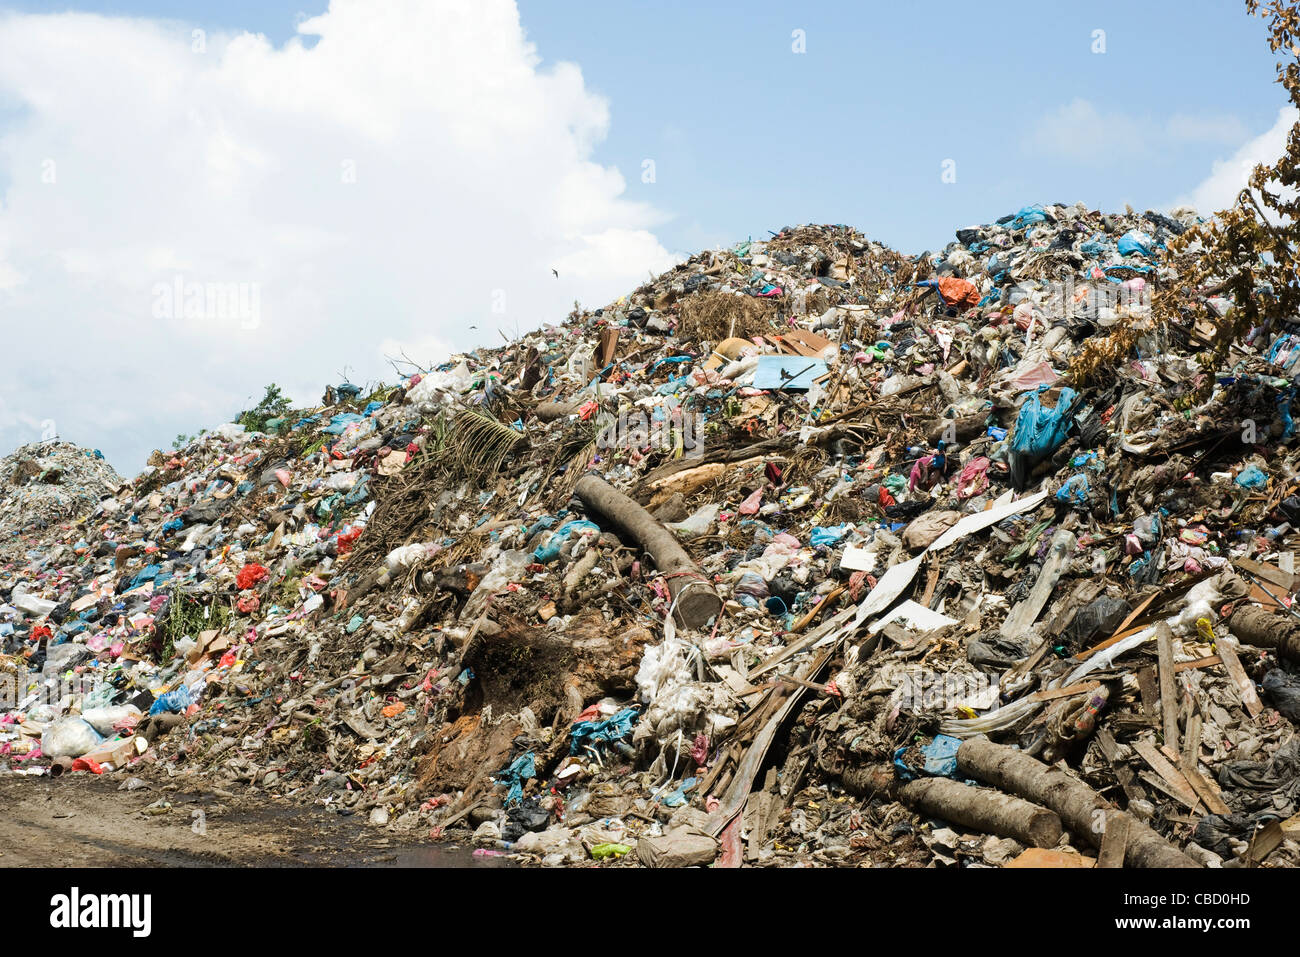 Garbage dump - Stock Image